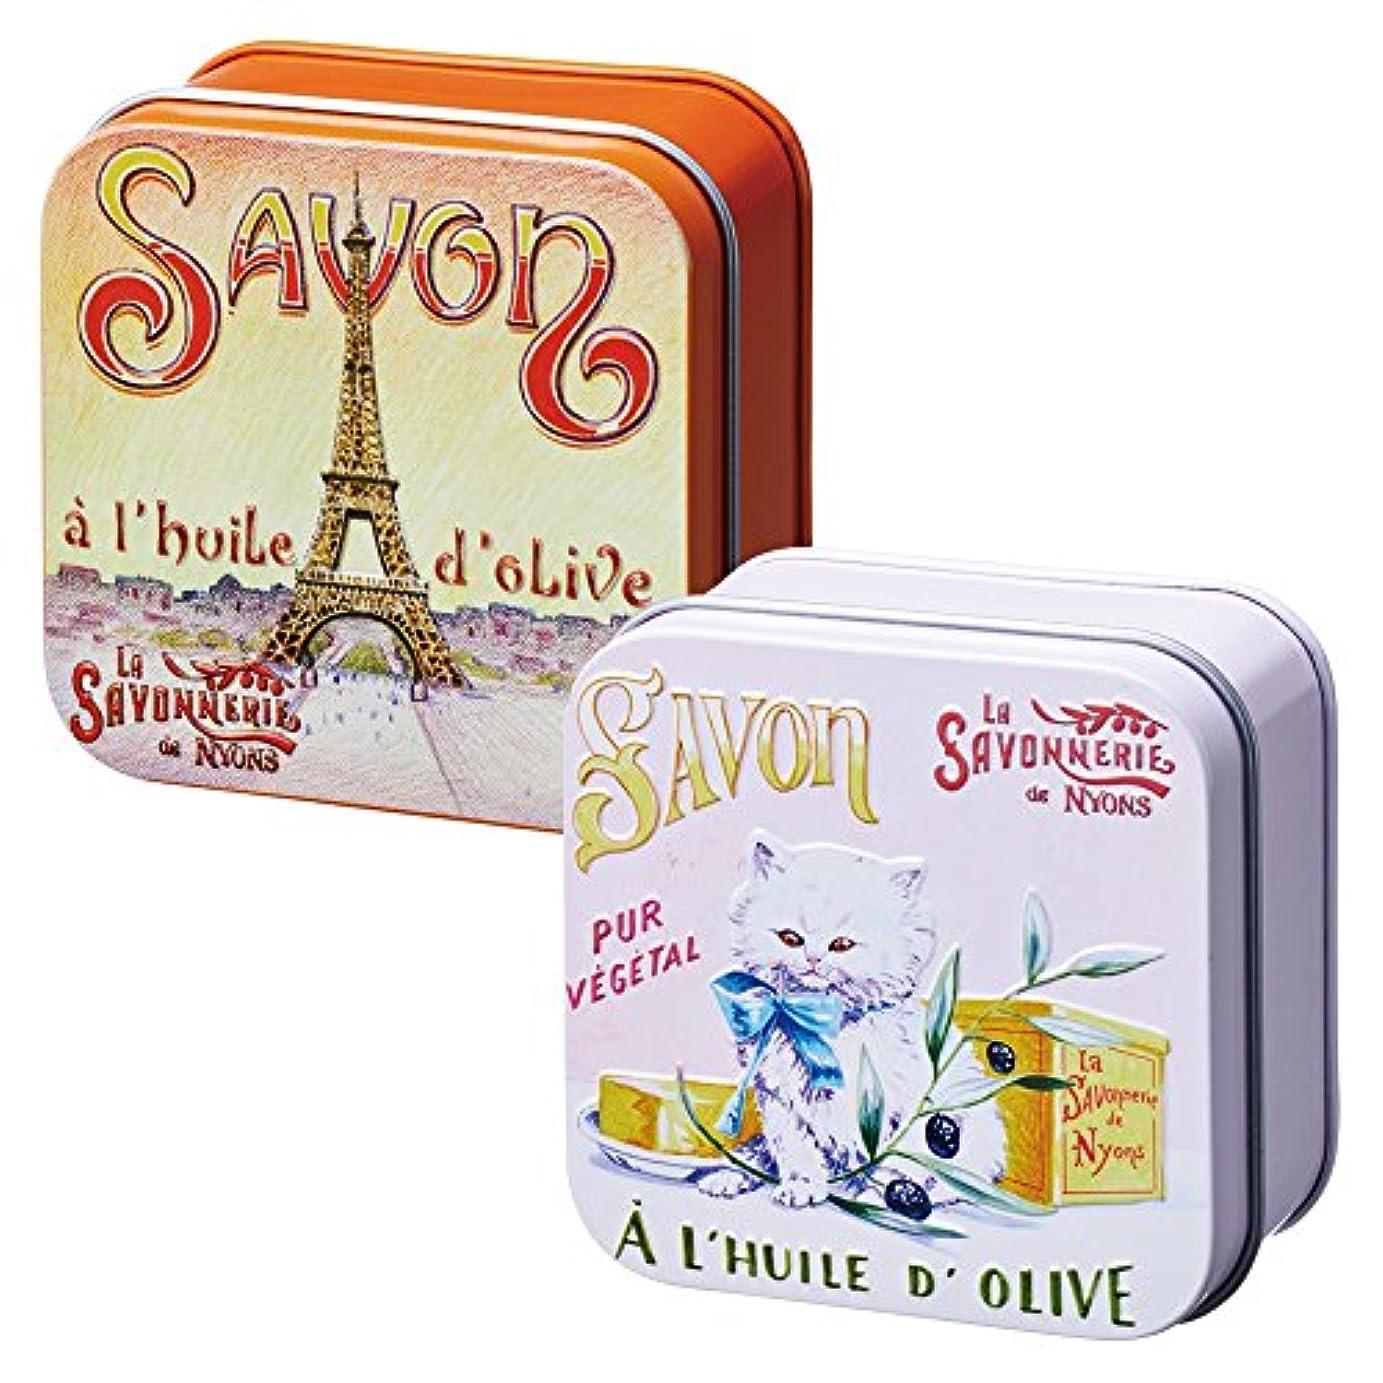 ヒューマニスティック分離物足りないフランスお土産 ラ?サボネリー アンティーク缶入り石けん 2種セット(子猫&エッフェル塔)